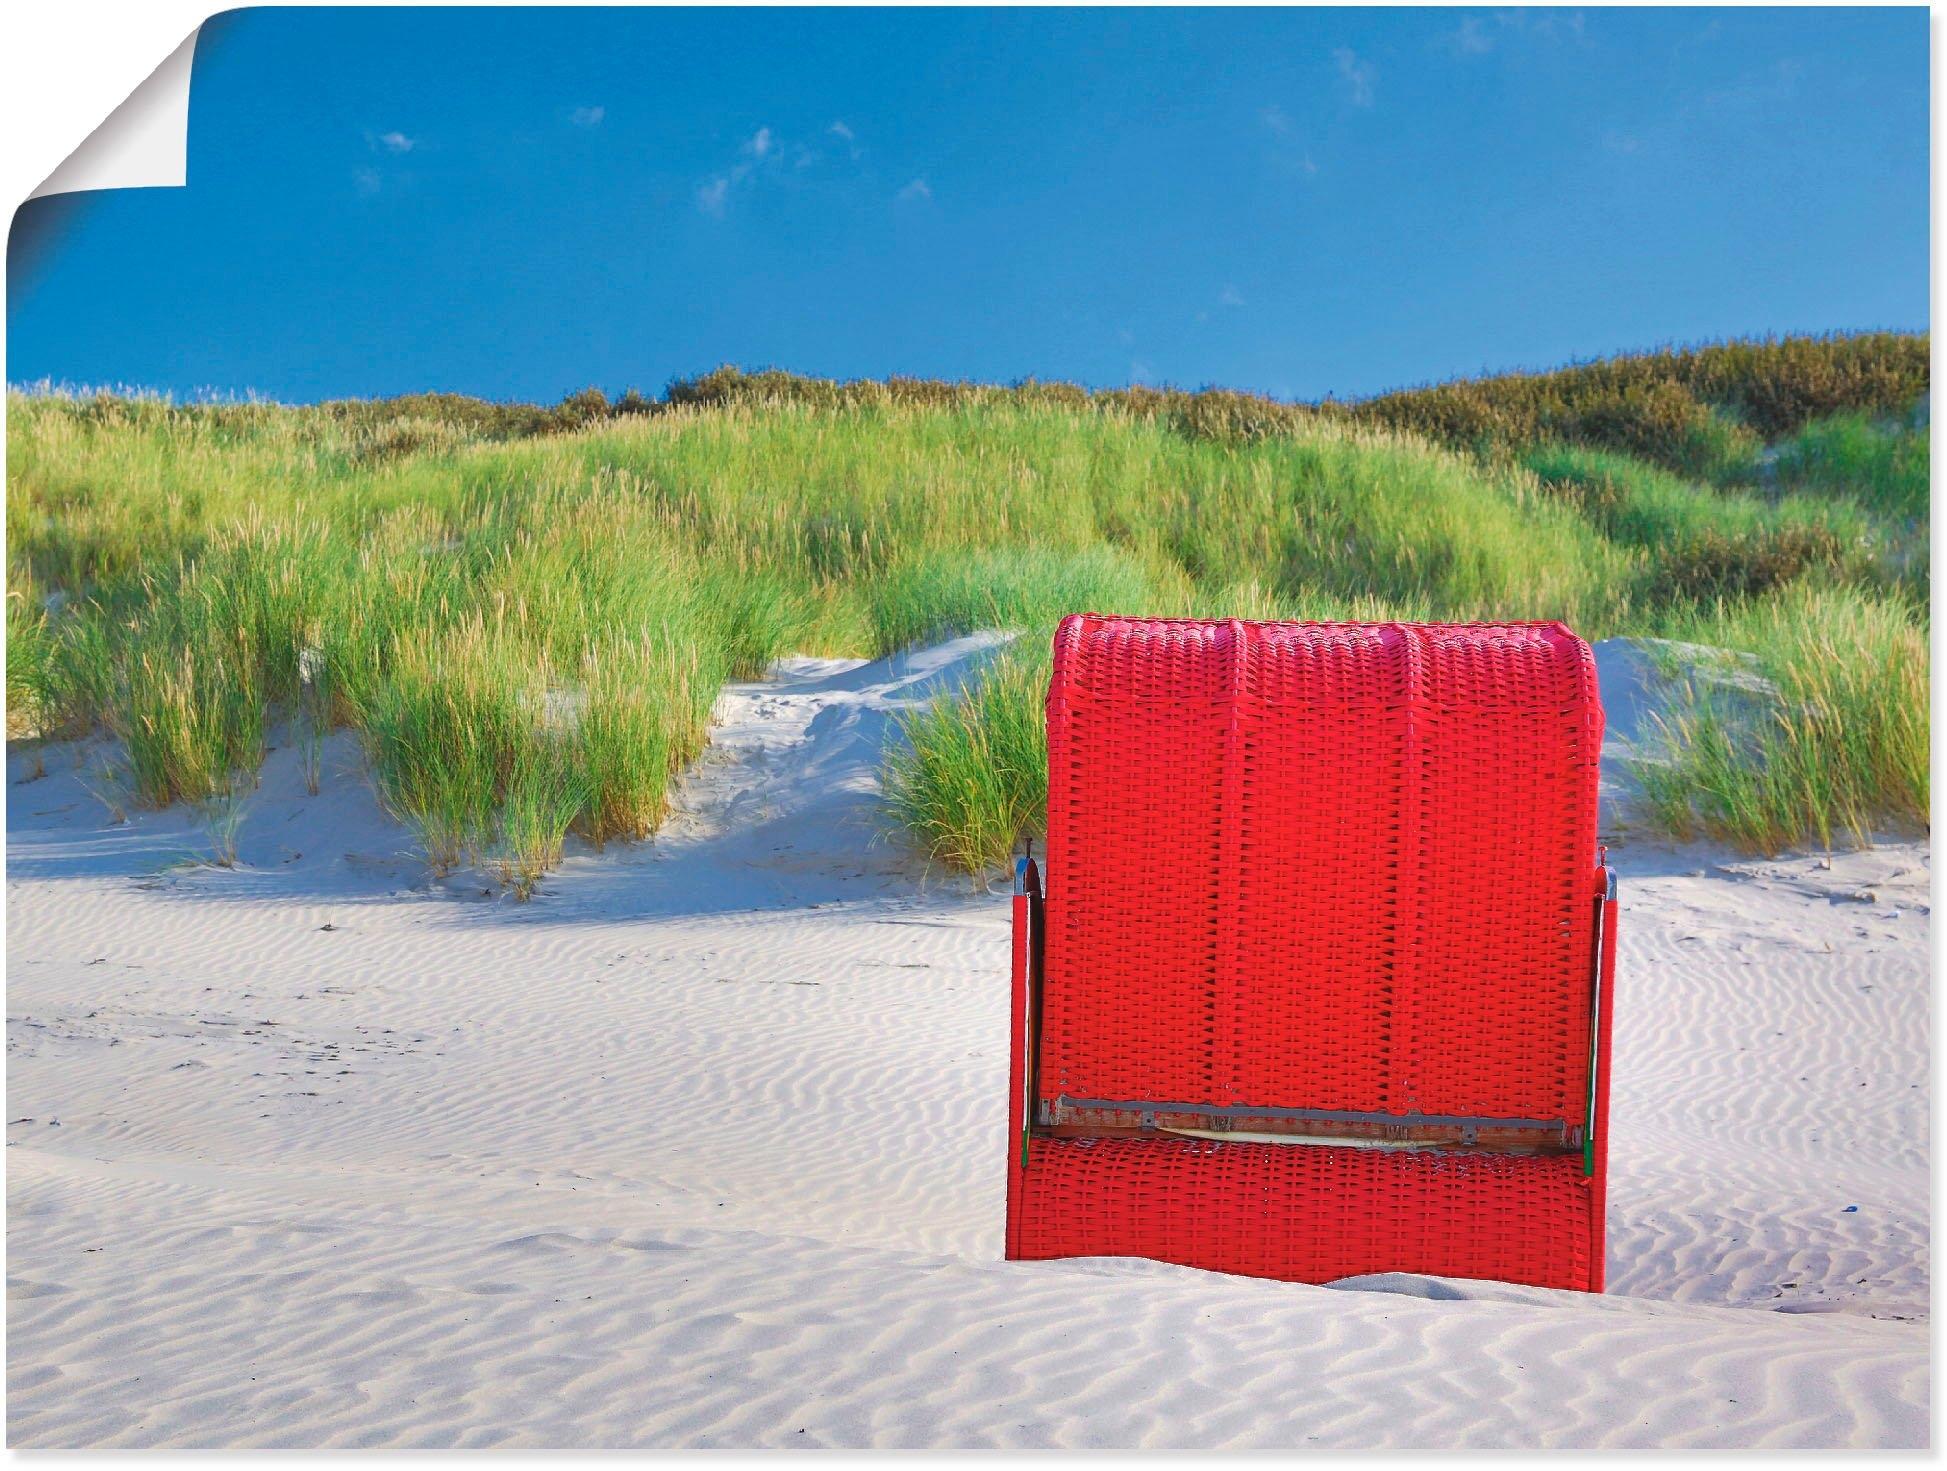 Artland artprint Rode strandstoel in vele afmetingen & productsoorten -artprint op linnen, poster, muursticker / wandfolie ook geschikt voor de badkamer (1 stuk) nu online kopen bij OTTO